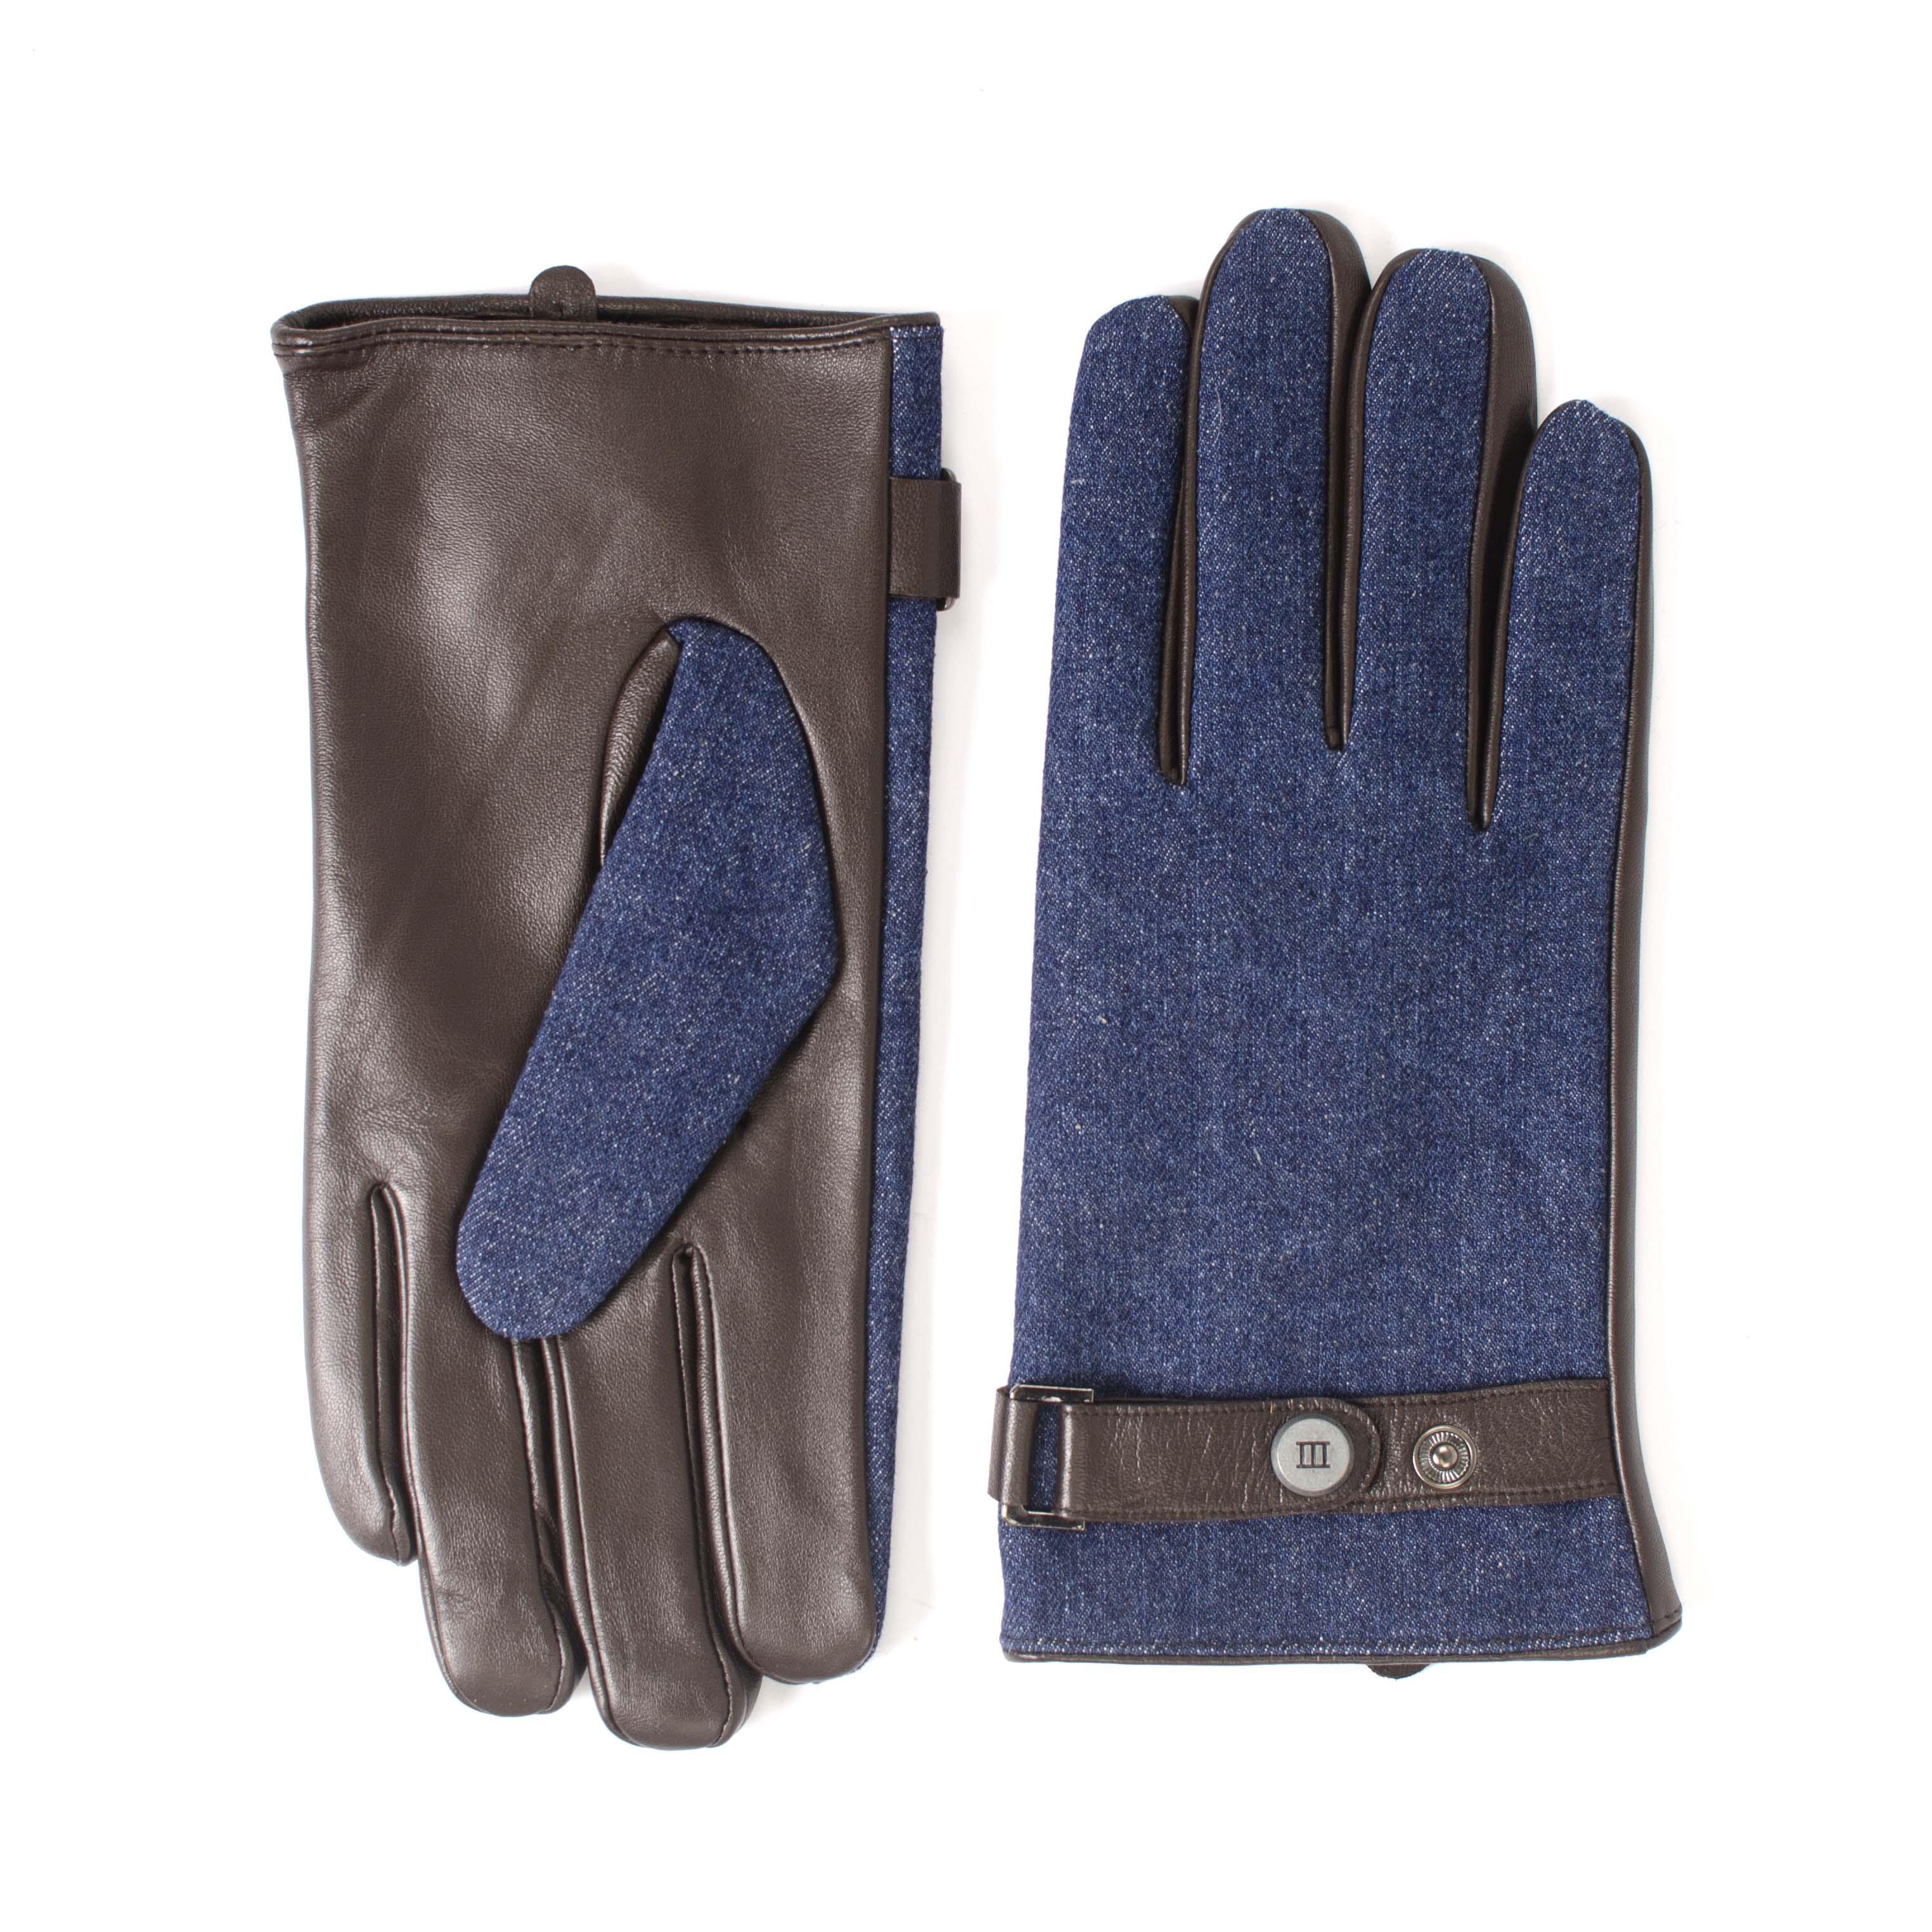 Jowen | Gloves brown leather with denim part